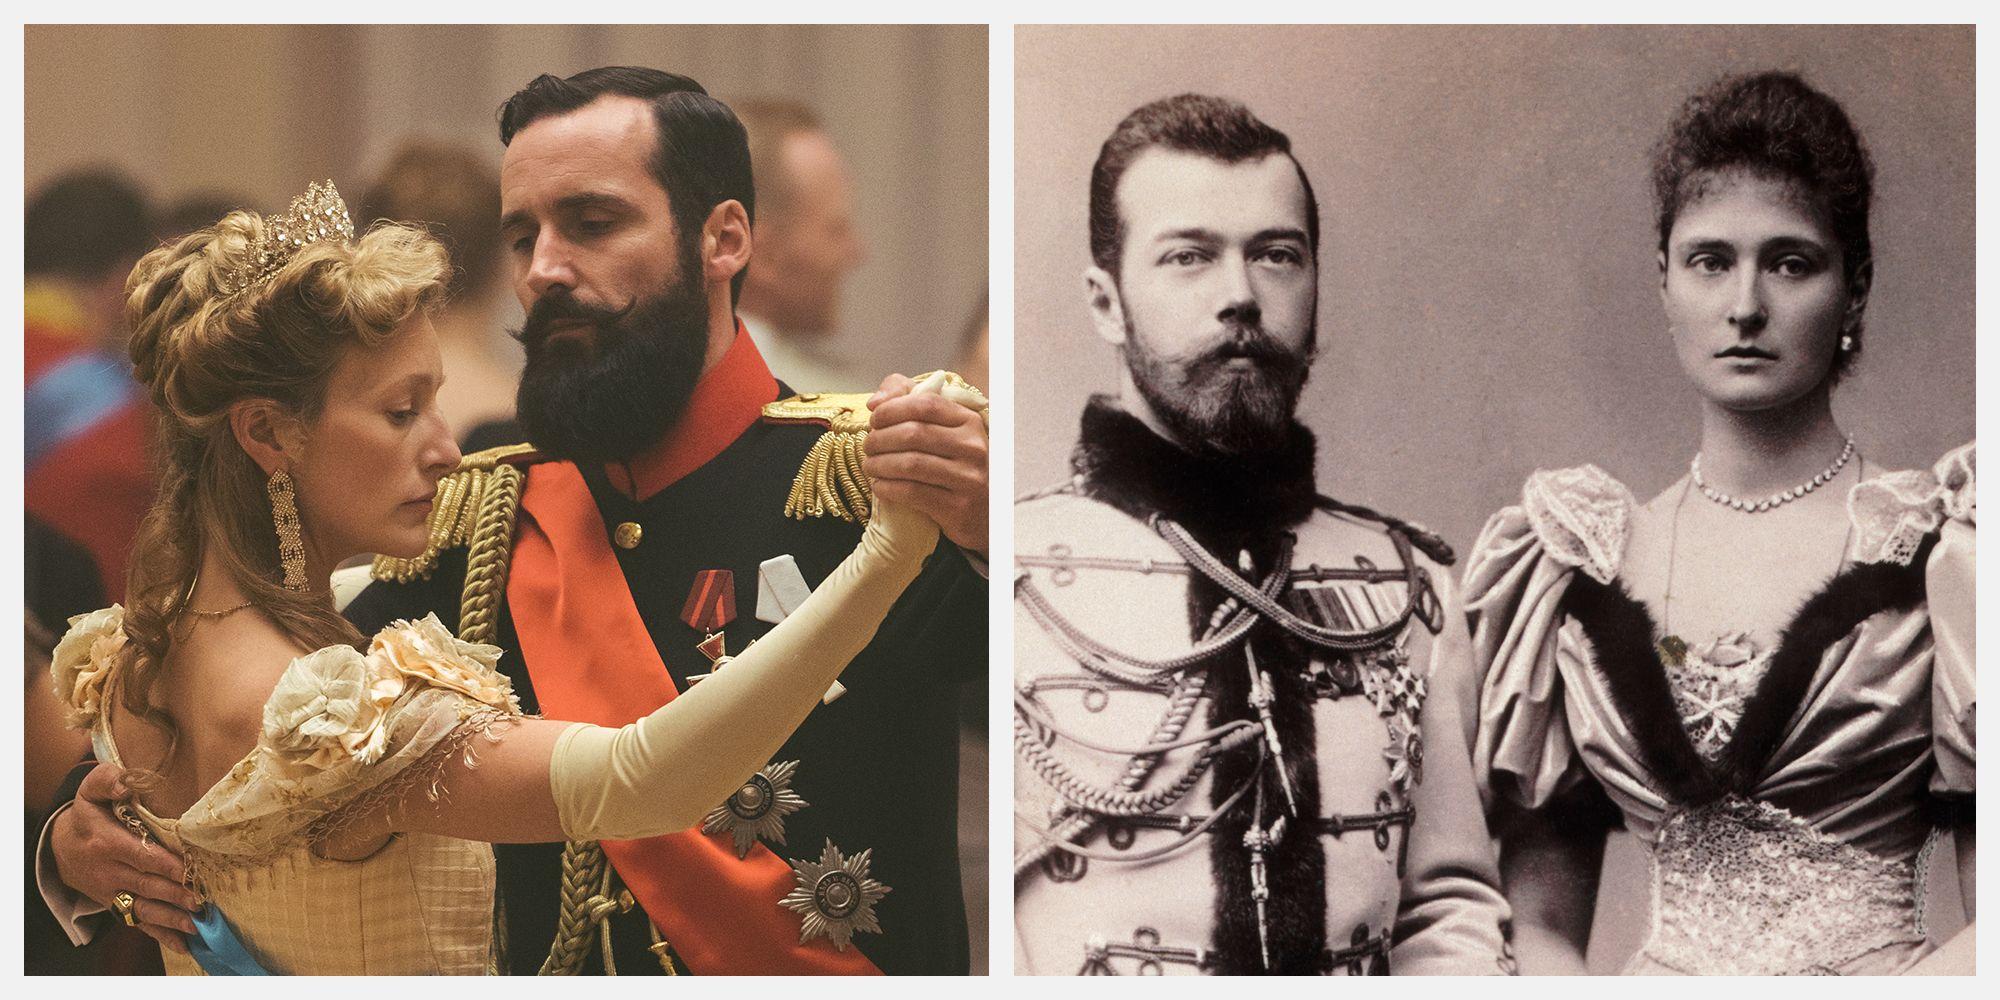 The Last Czars Cast on Netflix vs  the Real Romanov Family